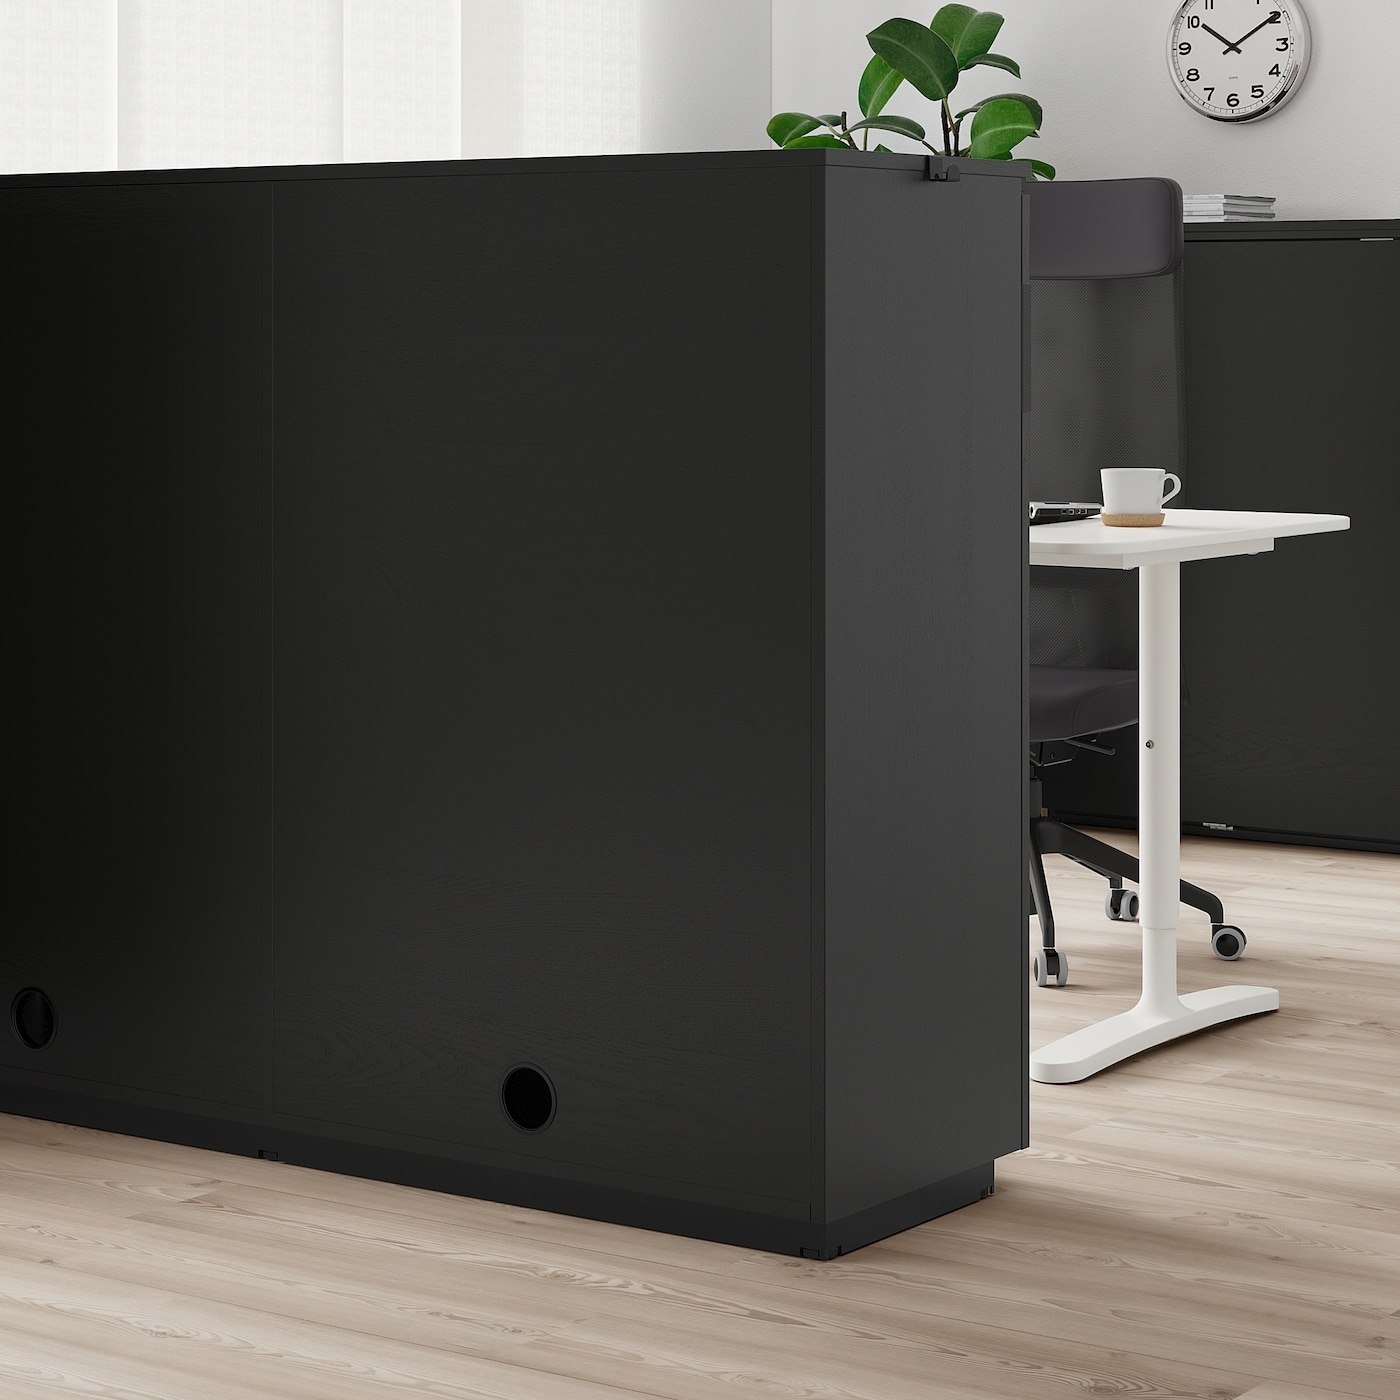 Picture of: Galant Skab Med Skydedore Asketraesfiner Med Sort Bejdse 160×120 Cm Ikea